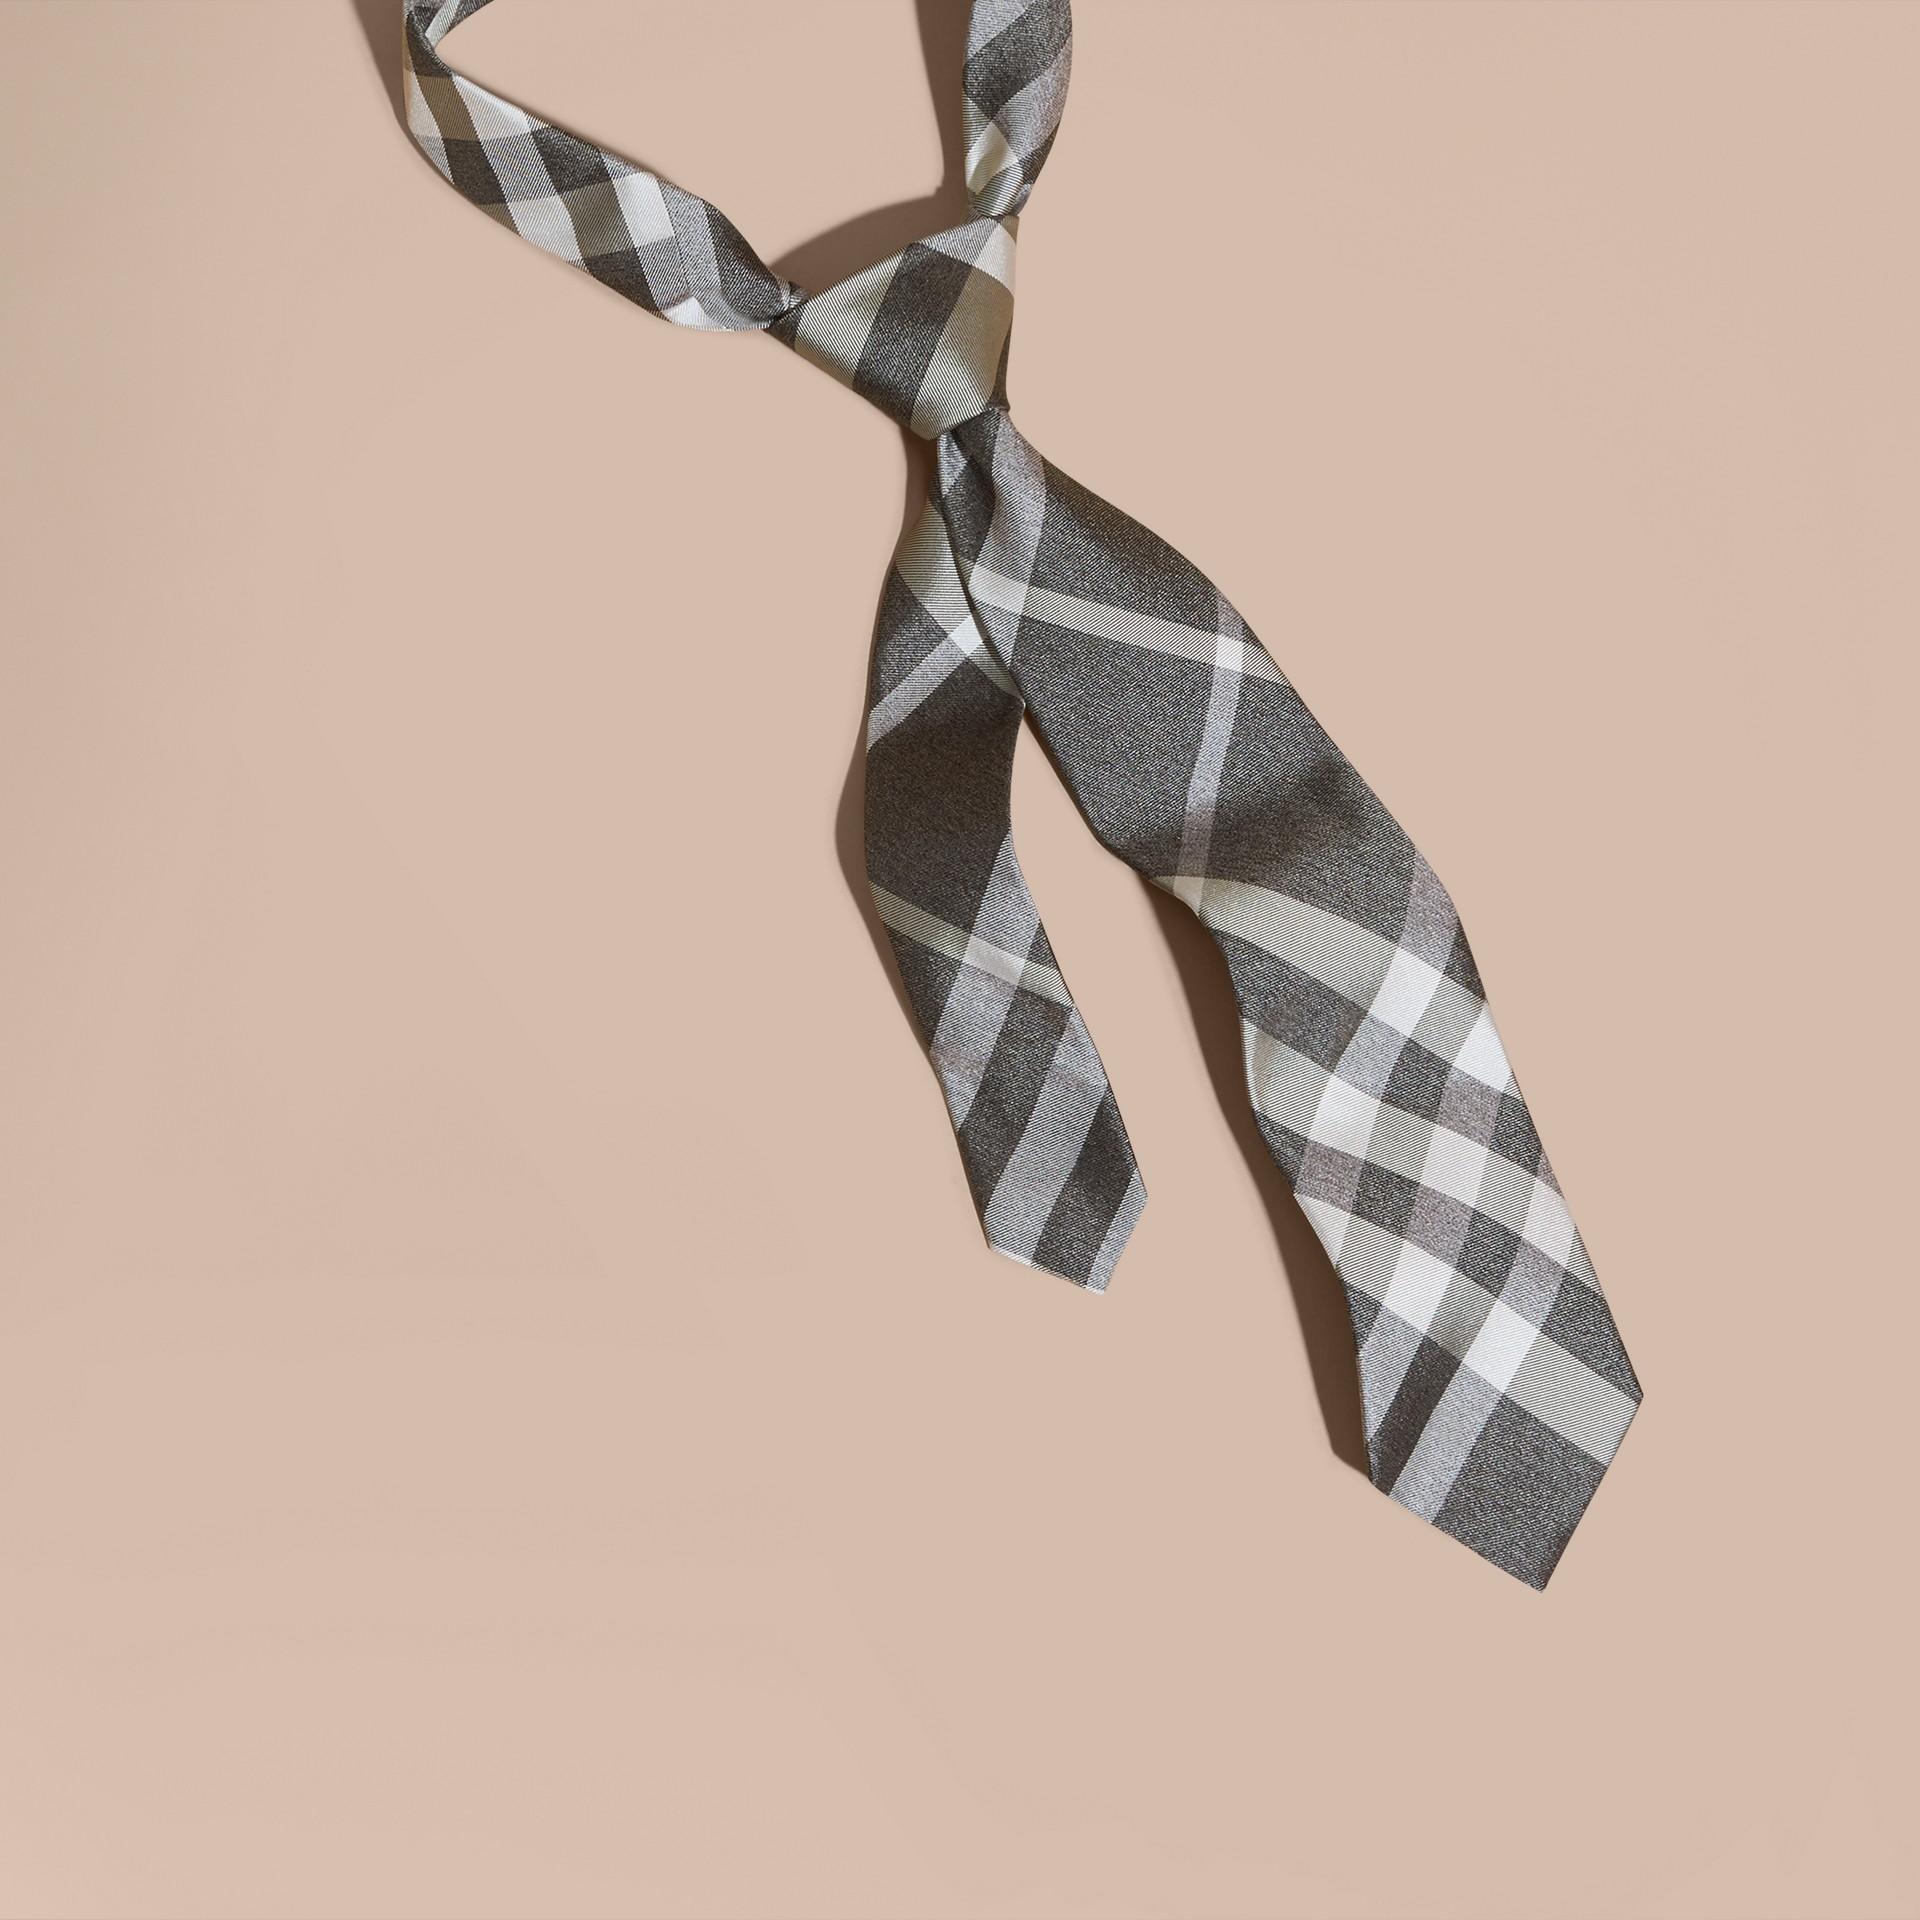 Grigio chiaro mélange Cravatta dal taglio classico in seta con motivo check Grigio Chiaro Mélange - immagine della galleria 1